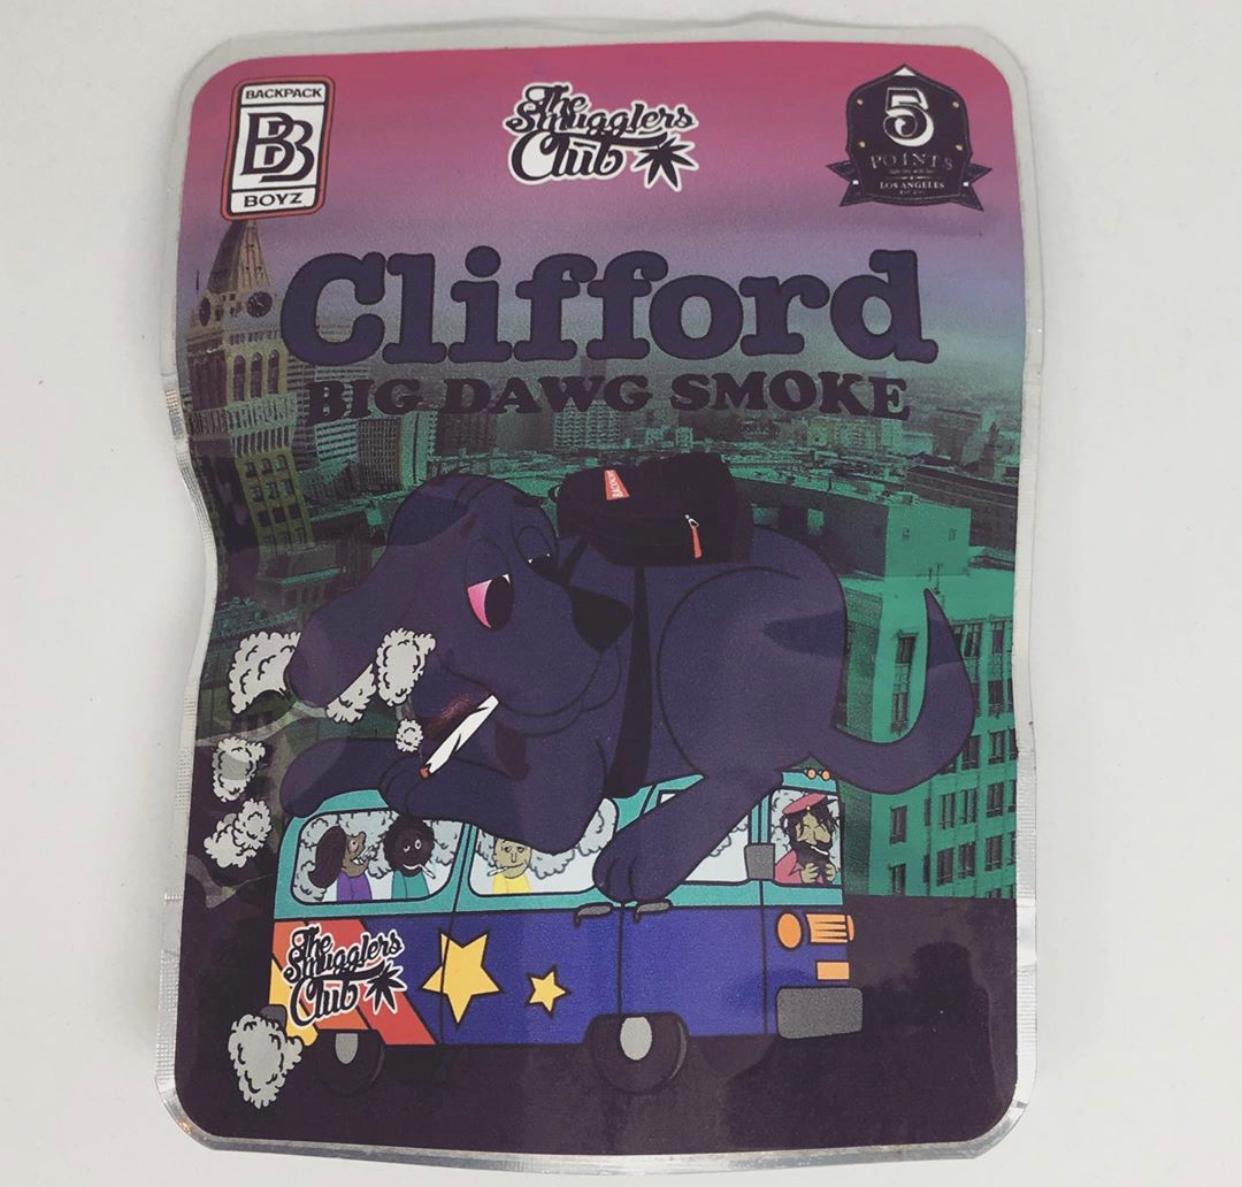 Clifford Big Dawg Smoke Backpackboyz